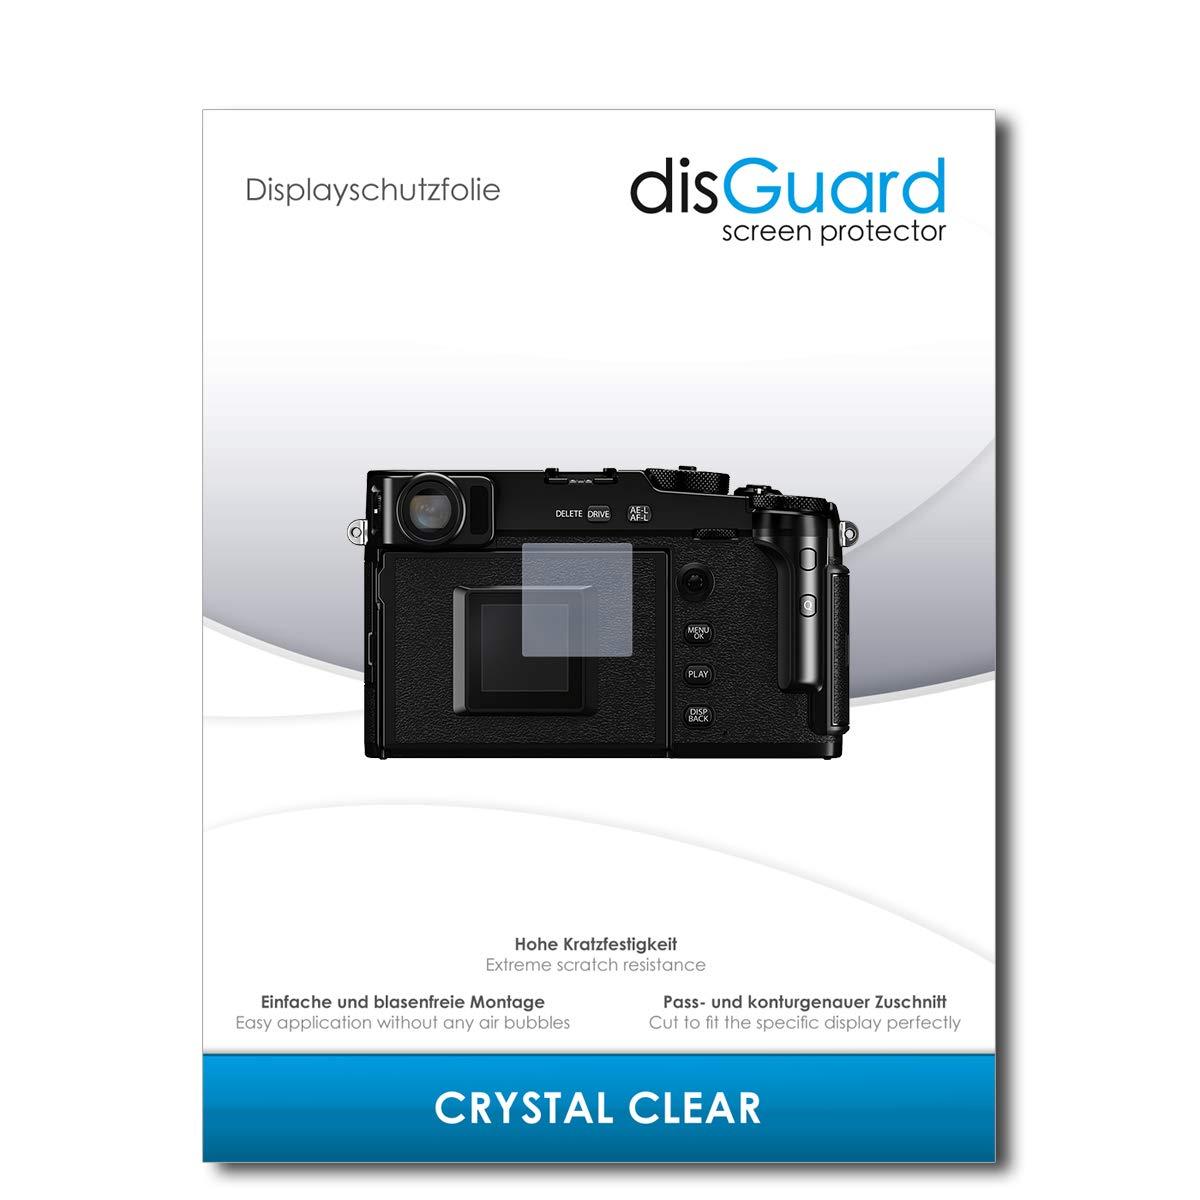 Invisibile Crystal Clear Proteggi Schermo Compatibile con Fujifilm X-Pro3 Effetto Anti-Impronte Transparente Ultra Resistente disGuard Pellicola Protettiva Cristallino 2 Pezzi